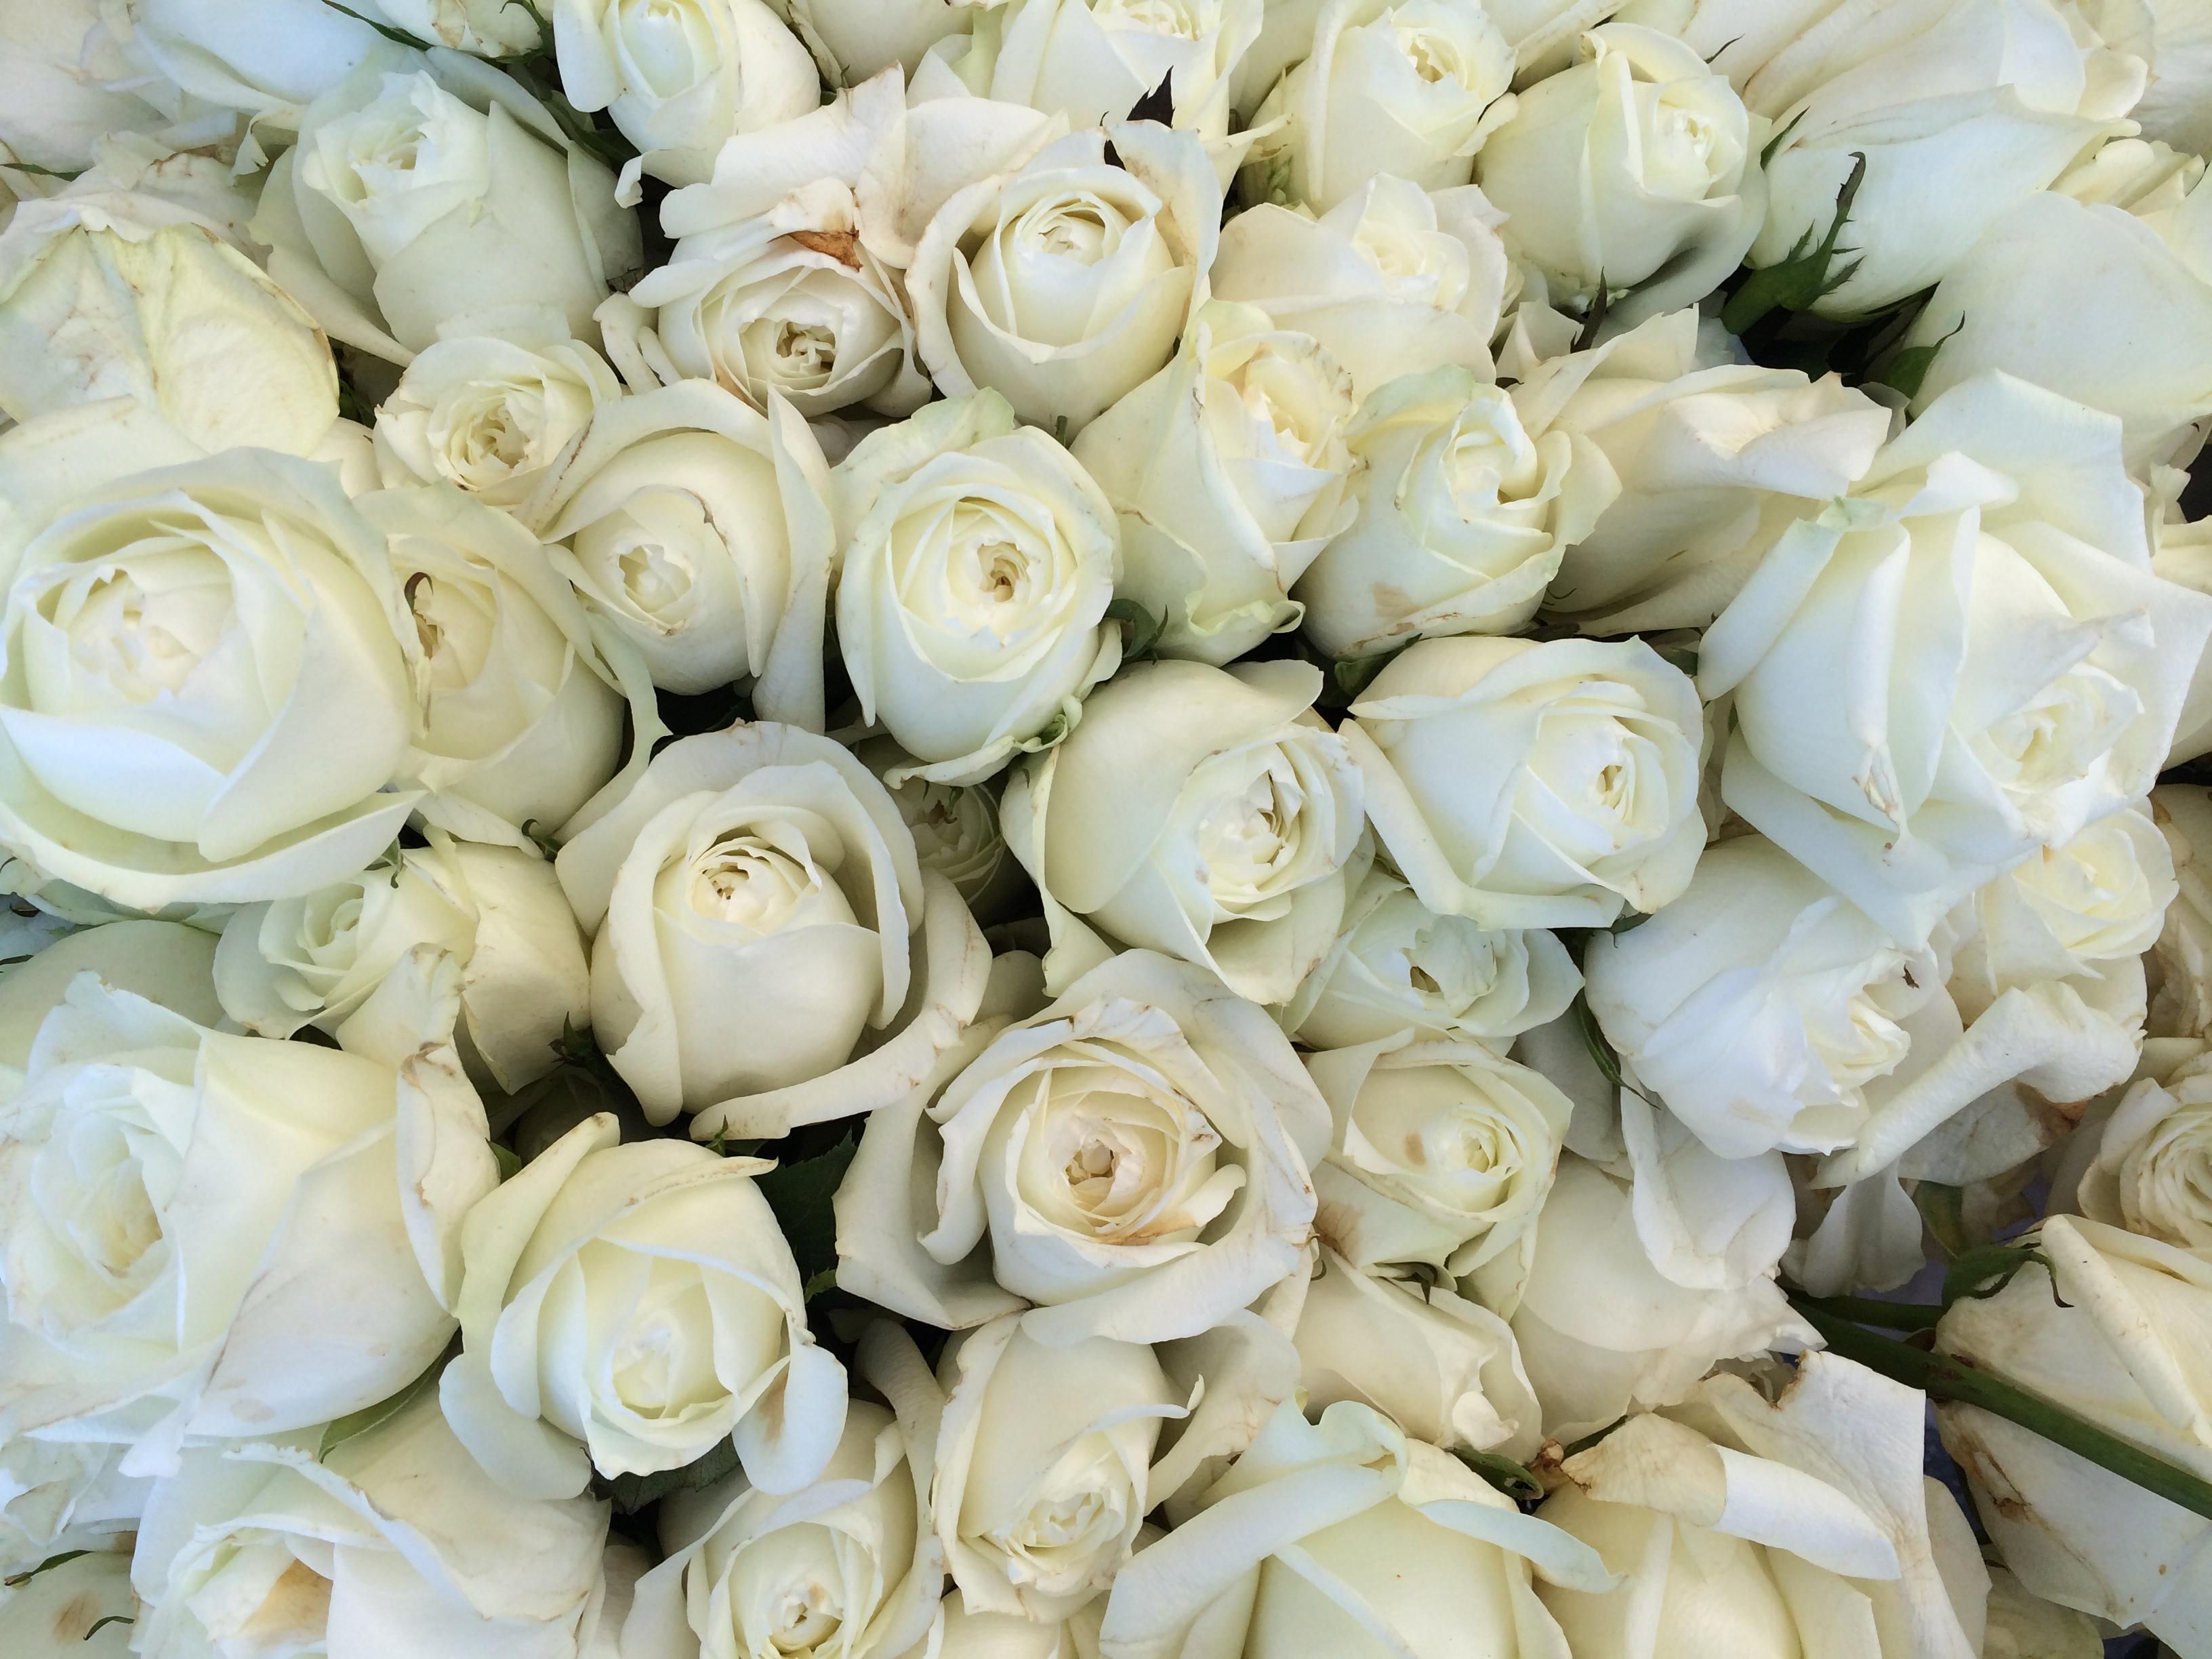 White roses at Santa Monica farmer's market